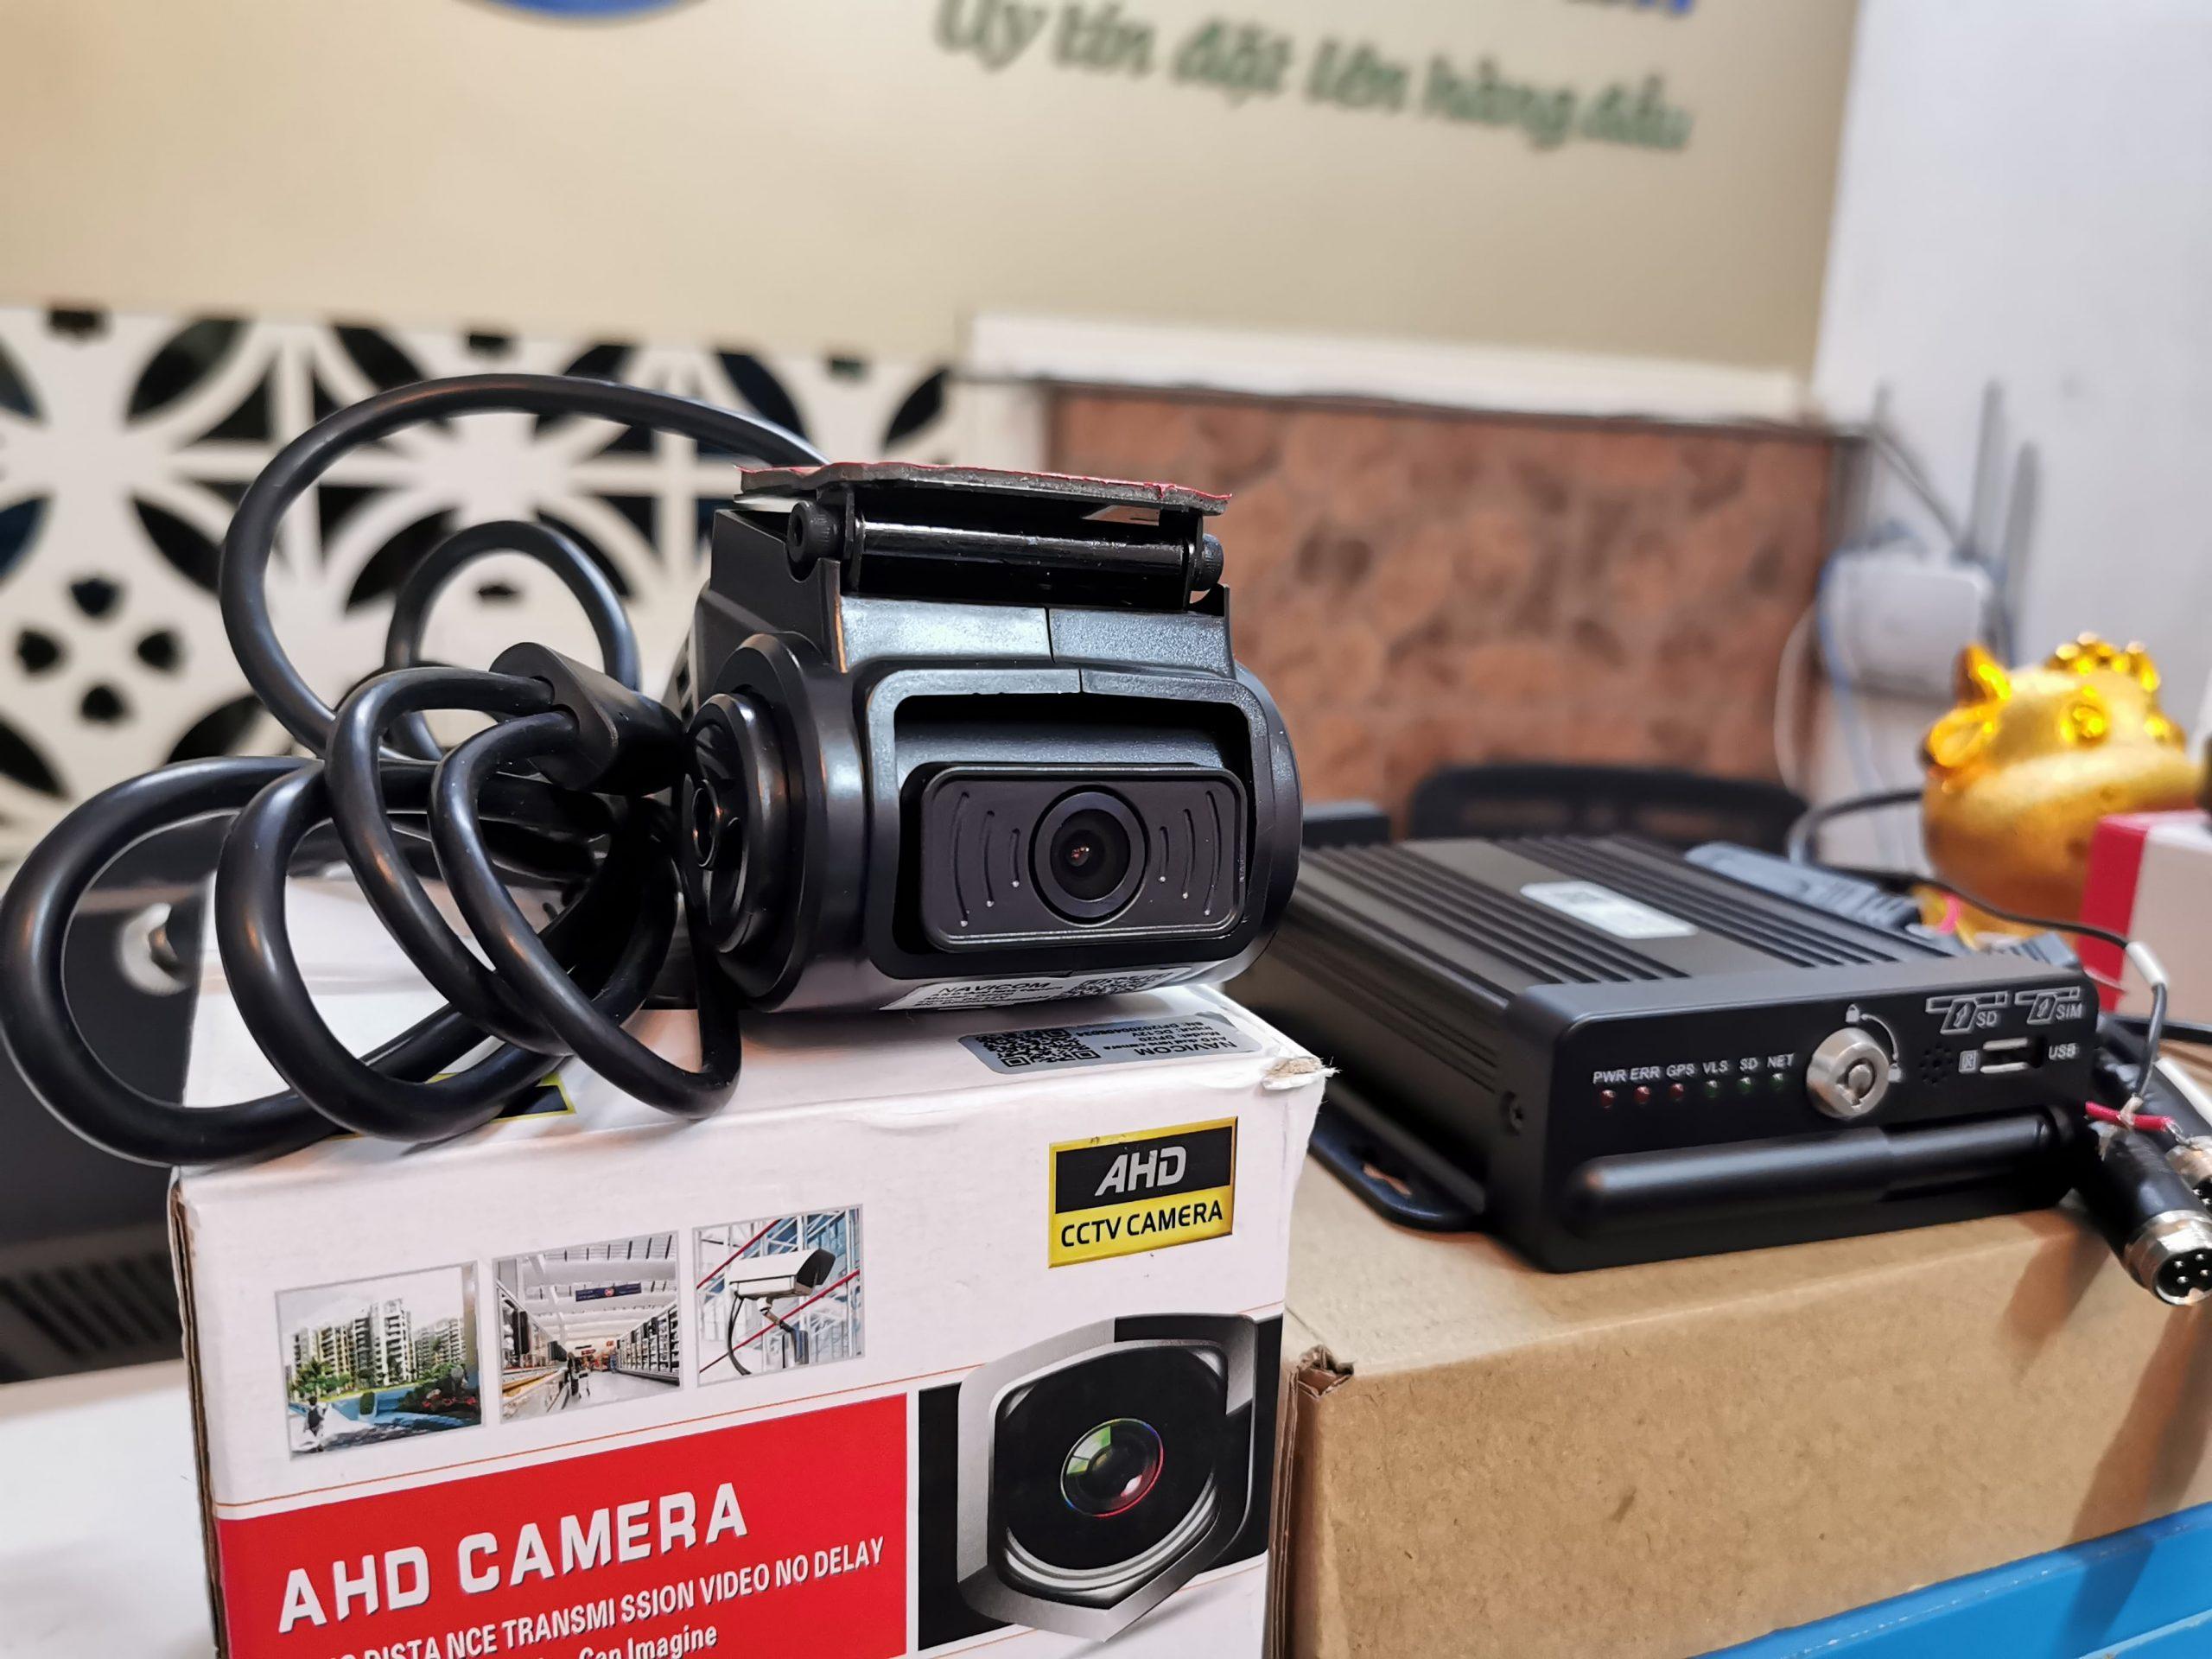 hệ thống camera giám sát phương tiện vận tải đạt chuẩn nghị định 10